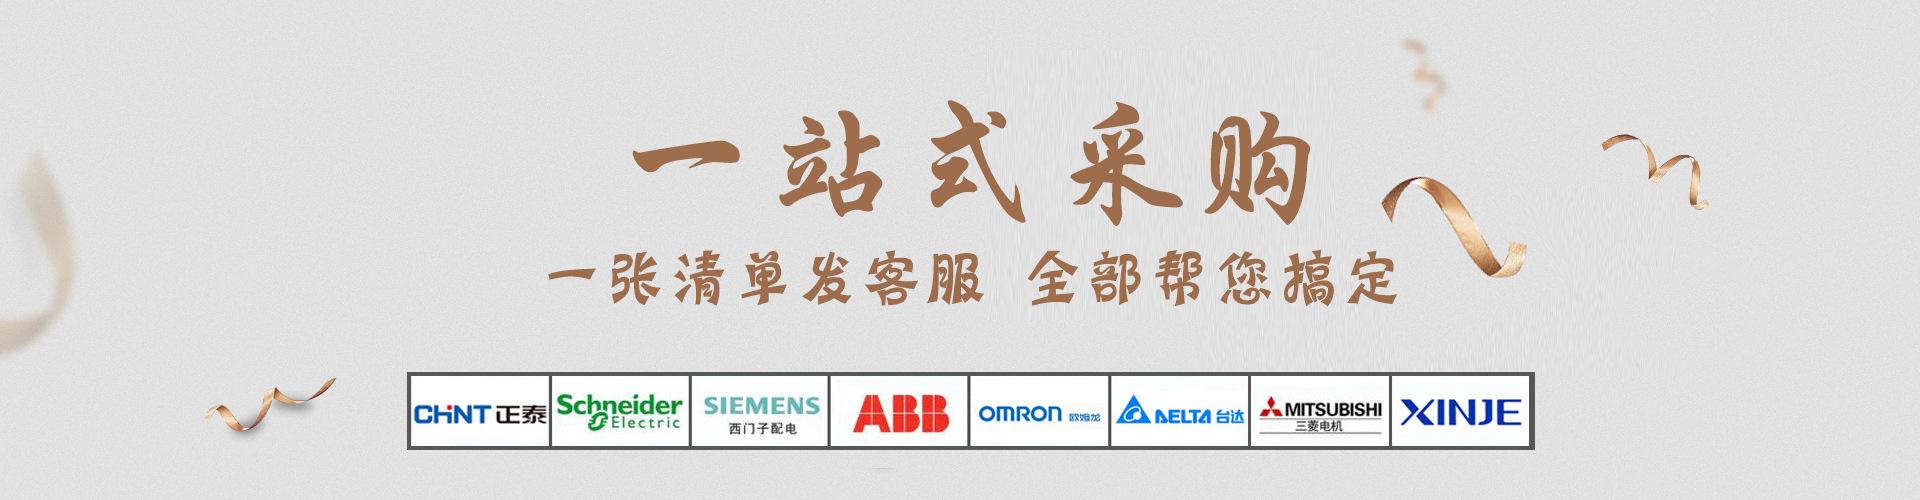 艾默生变频器|PLC|伺服电机|软启动|冠赢自动化官网